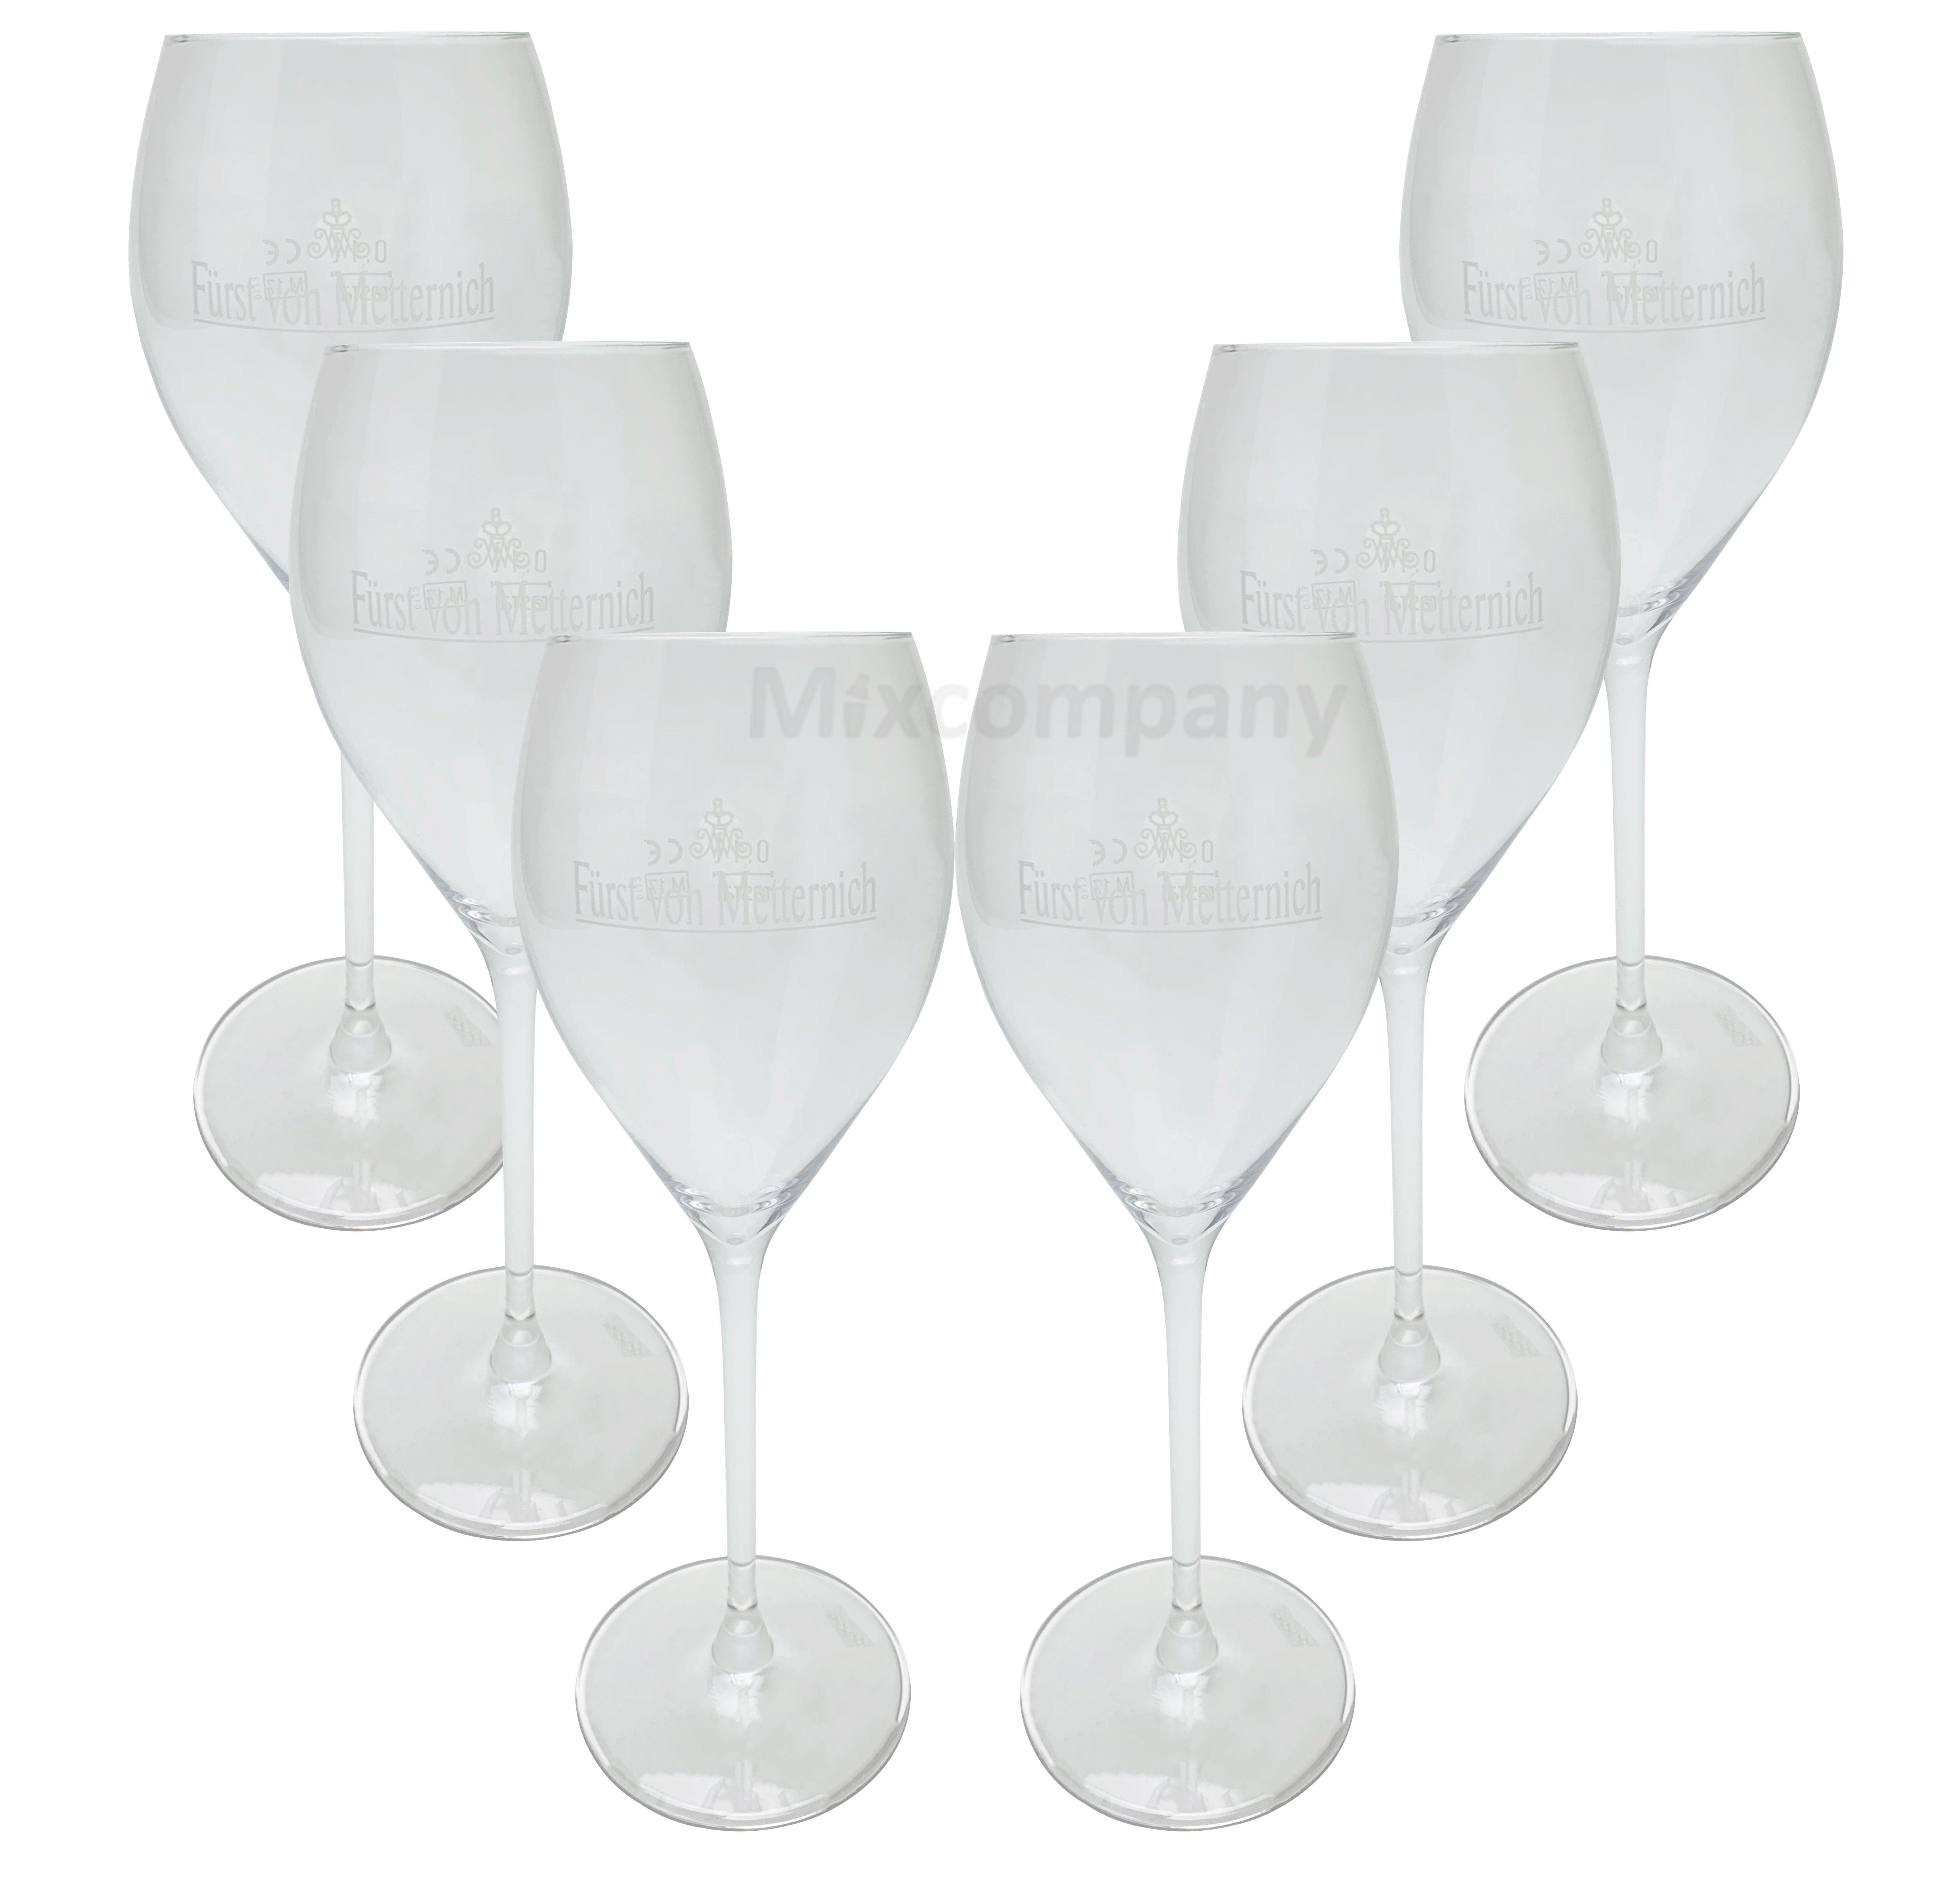 Fürst von Metternich Wein - Sektglas Flöte Set - 6x Gläser 0,1l - 0,2 l geeicht